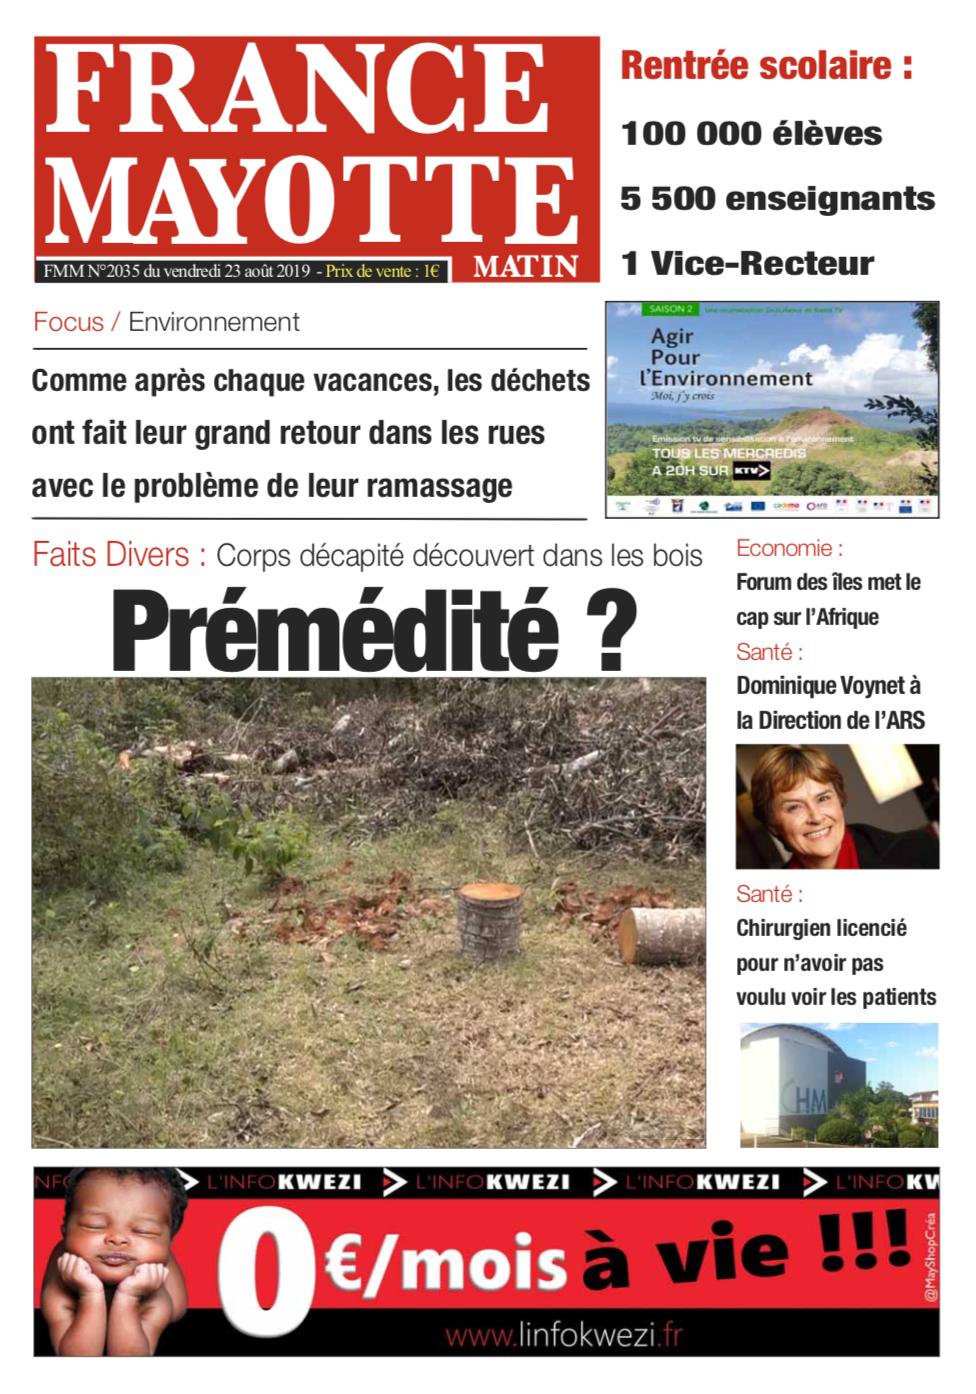 France Mayotte Vendredi 23 août 2019